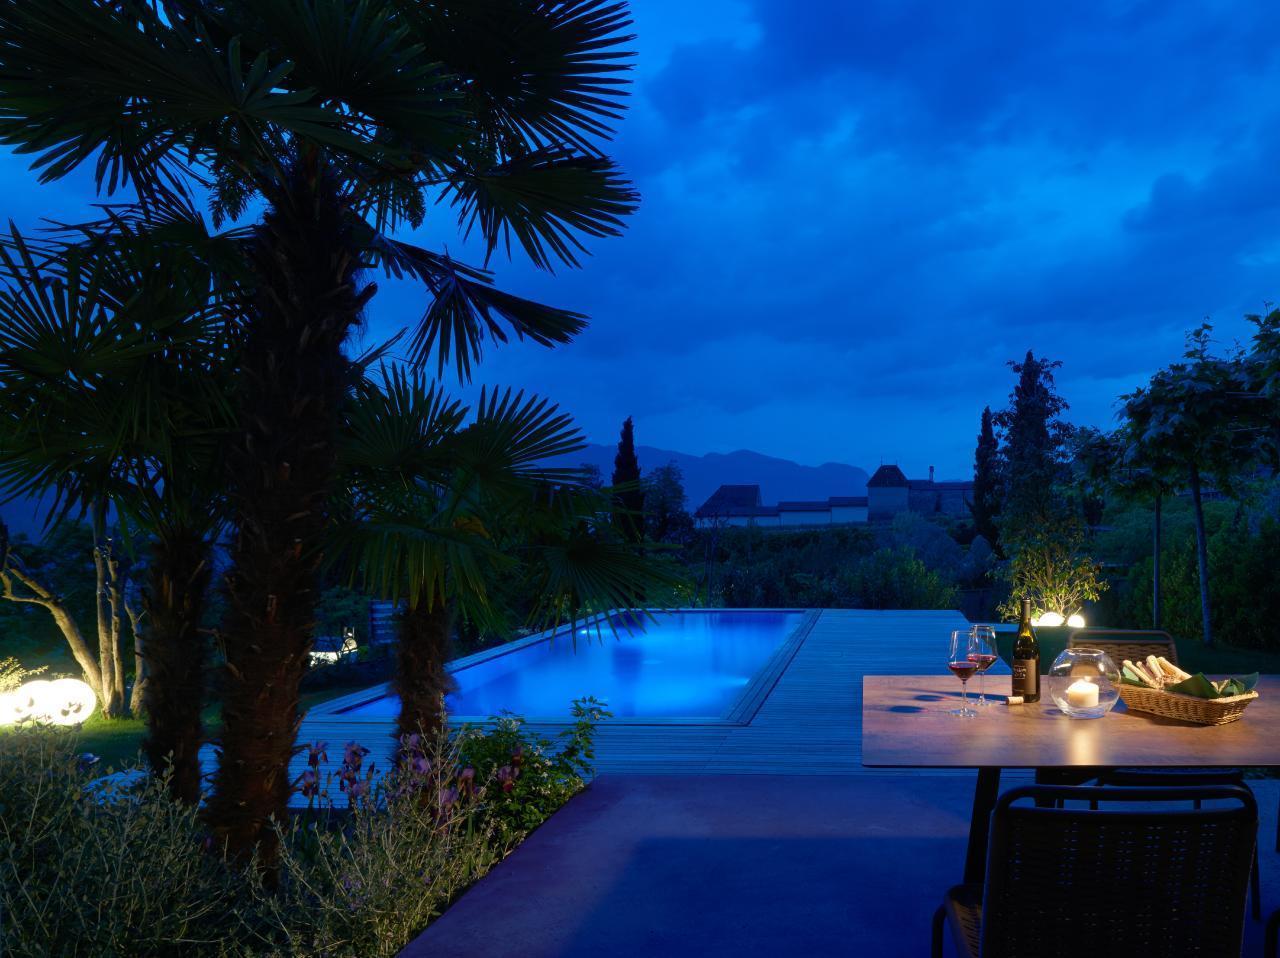 Ferienhaus Luxusvilla im Weindorf Kaltern am See mit Infinity Pool, Sauna, Weinkeller und großem Gart (1975236), Kaltern an der Weinstraße, Bozen, Trentino-Südtirol, Italien, Bild 38